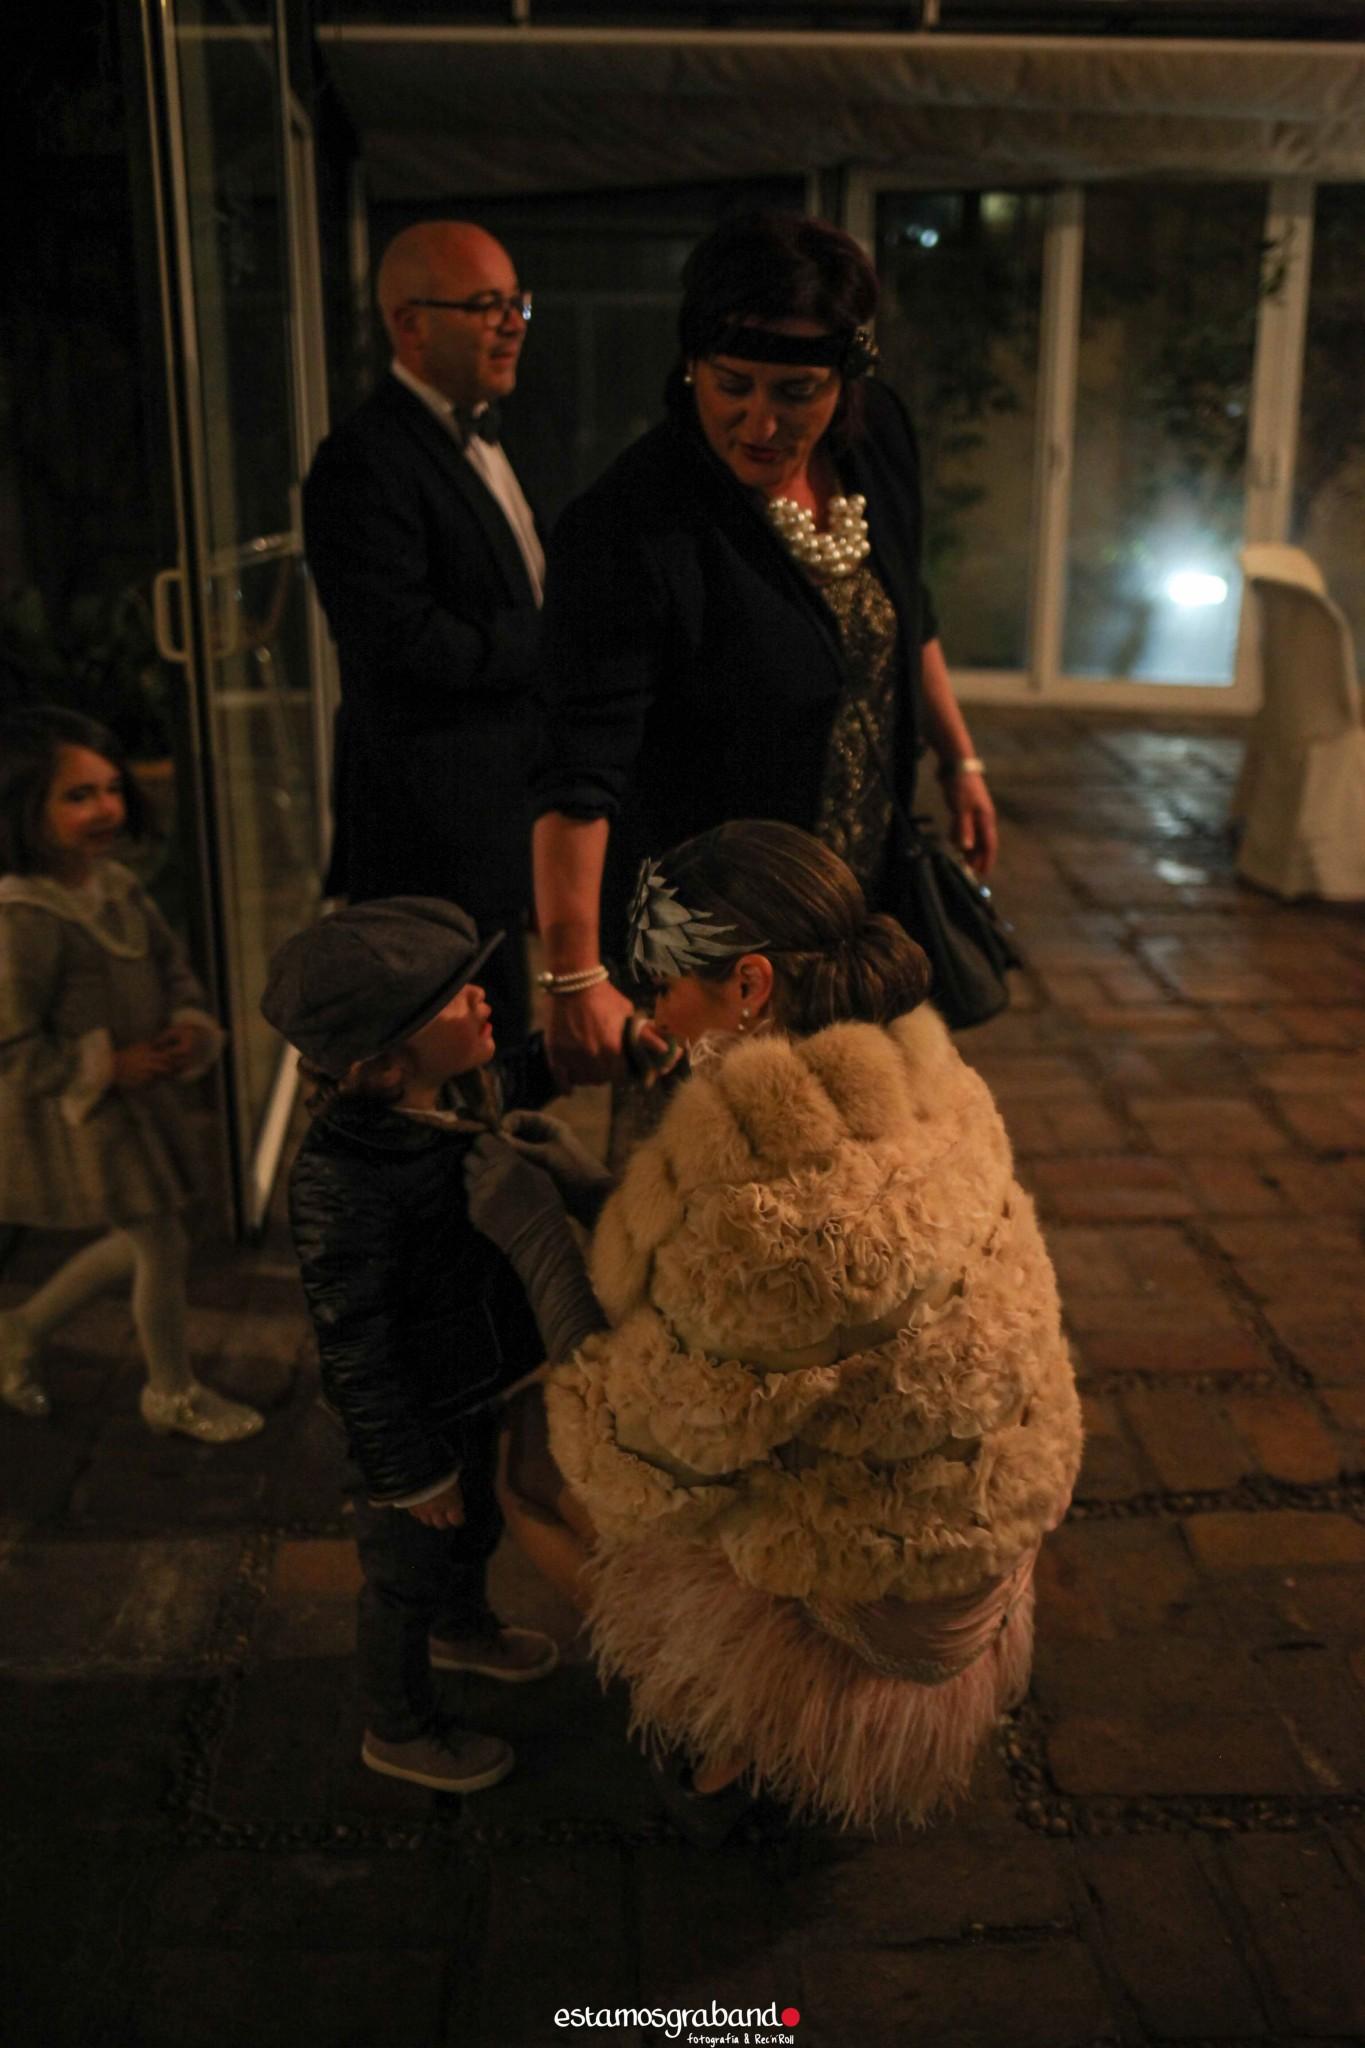 Fali-Bea-20-de-78 Fiesta Años 20 [La Teta de Julieta, Cádiz] - video boda cadiz